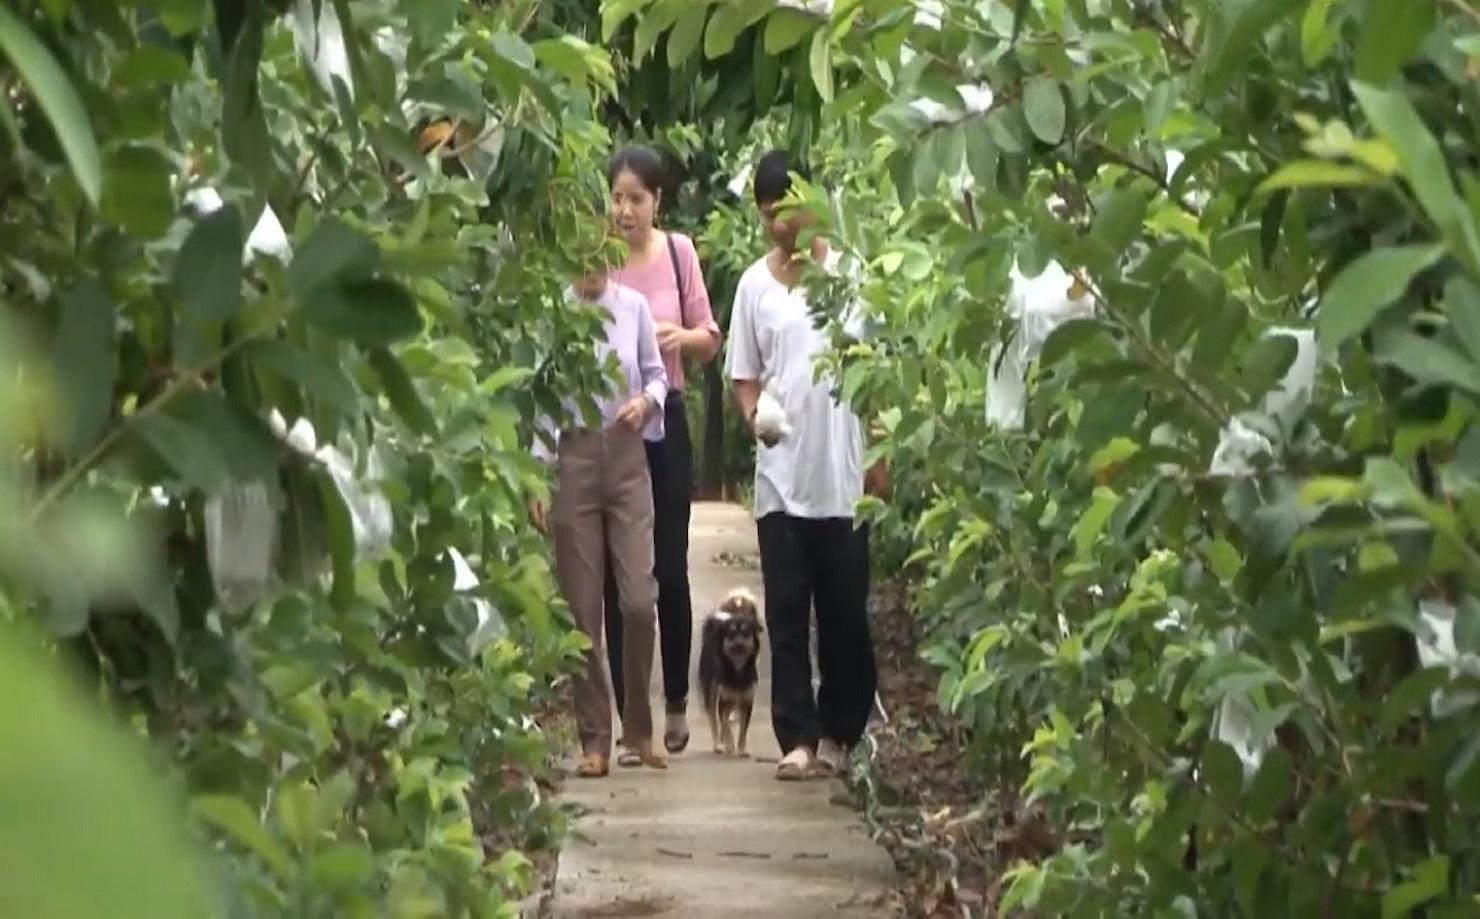 Anh nông dân trồng ổi theo quy trình VietGAP, vườn ổi ngày nào cũng sai trái hơn, đầu ra cũng ngày càng thuận lợi - Ảnh 9.